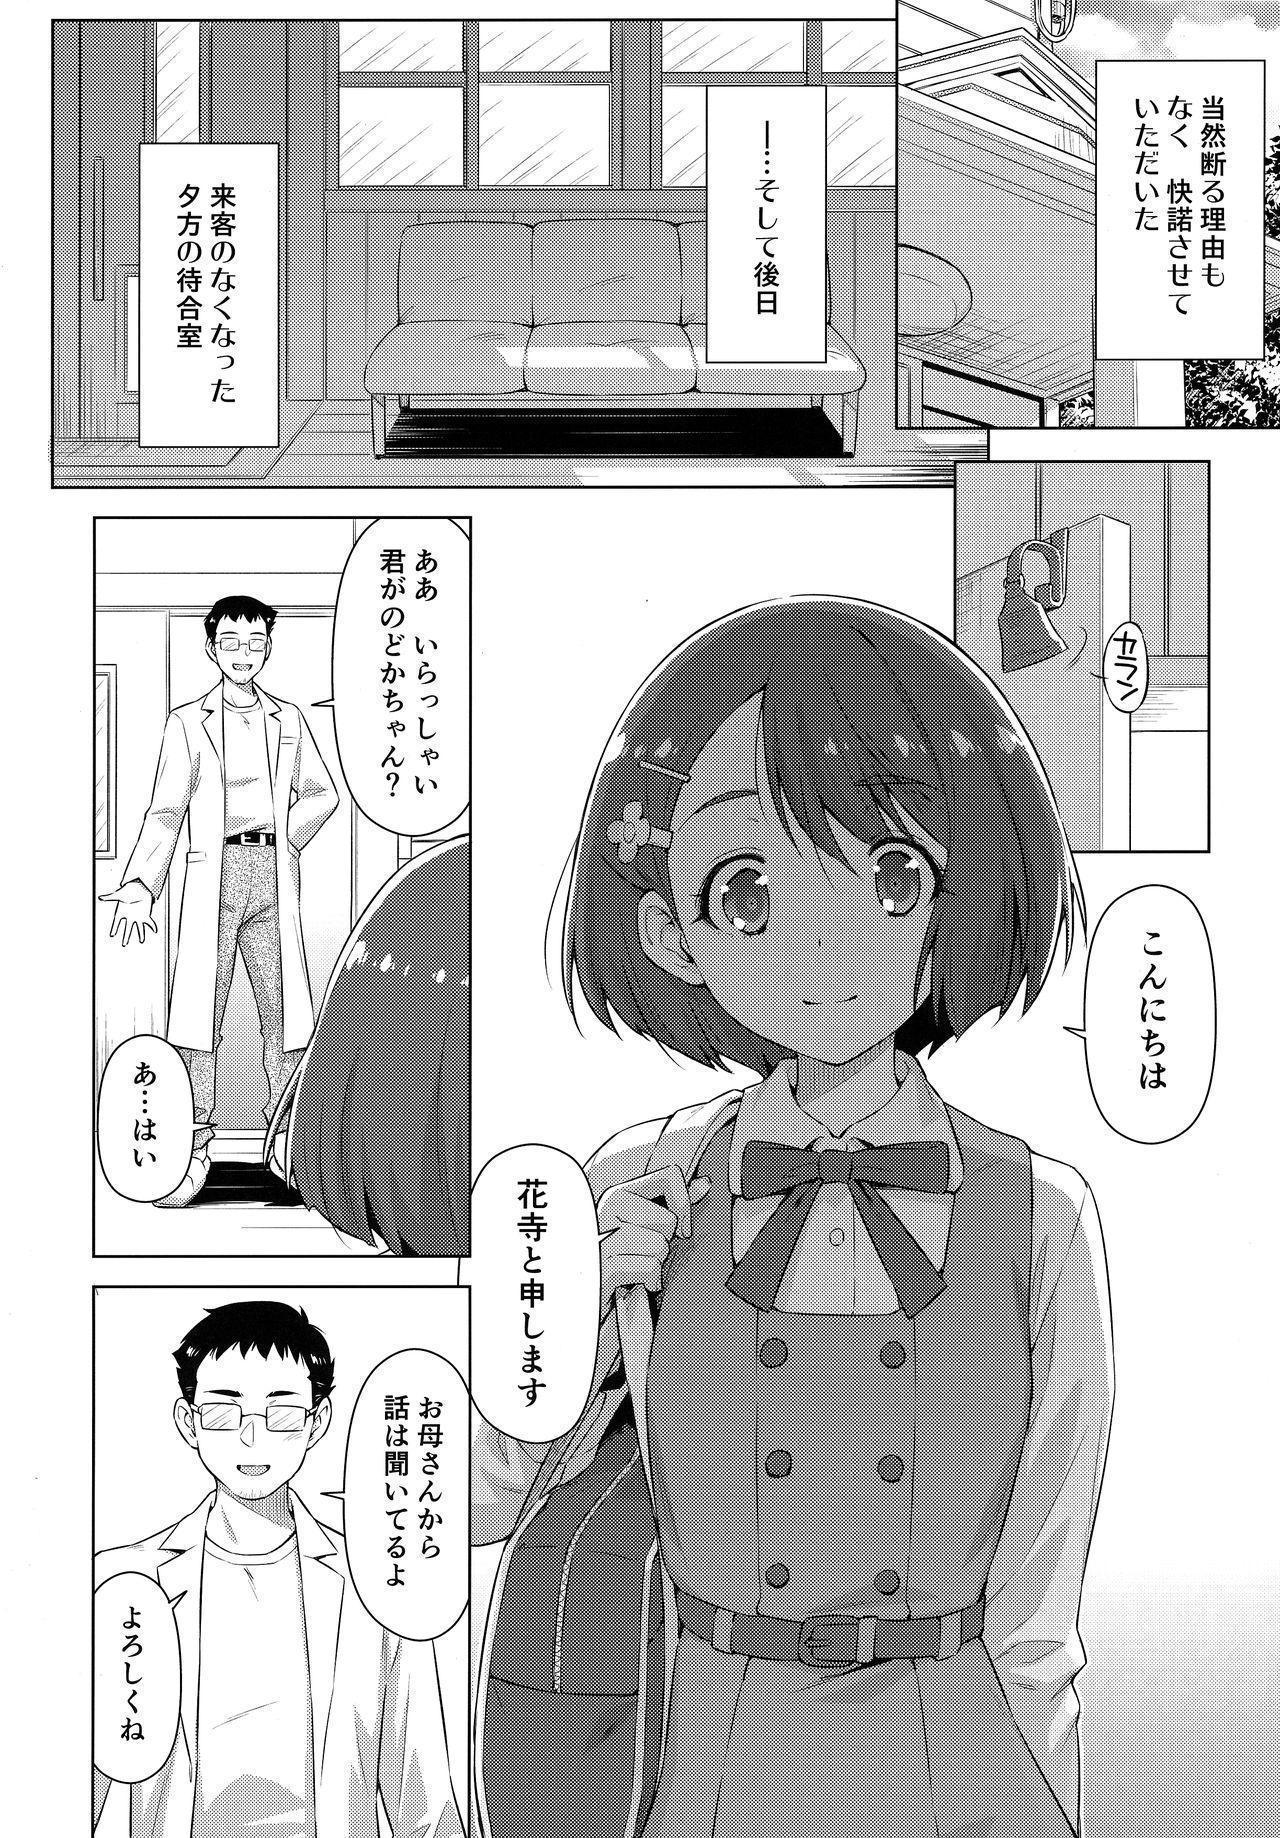 Boku no Shinryoujo e Youkoso. 4